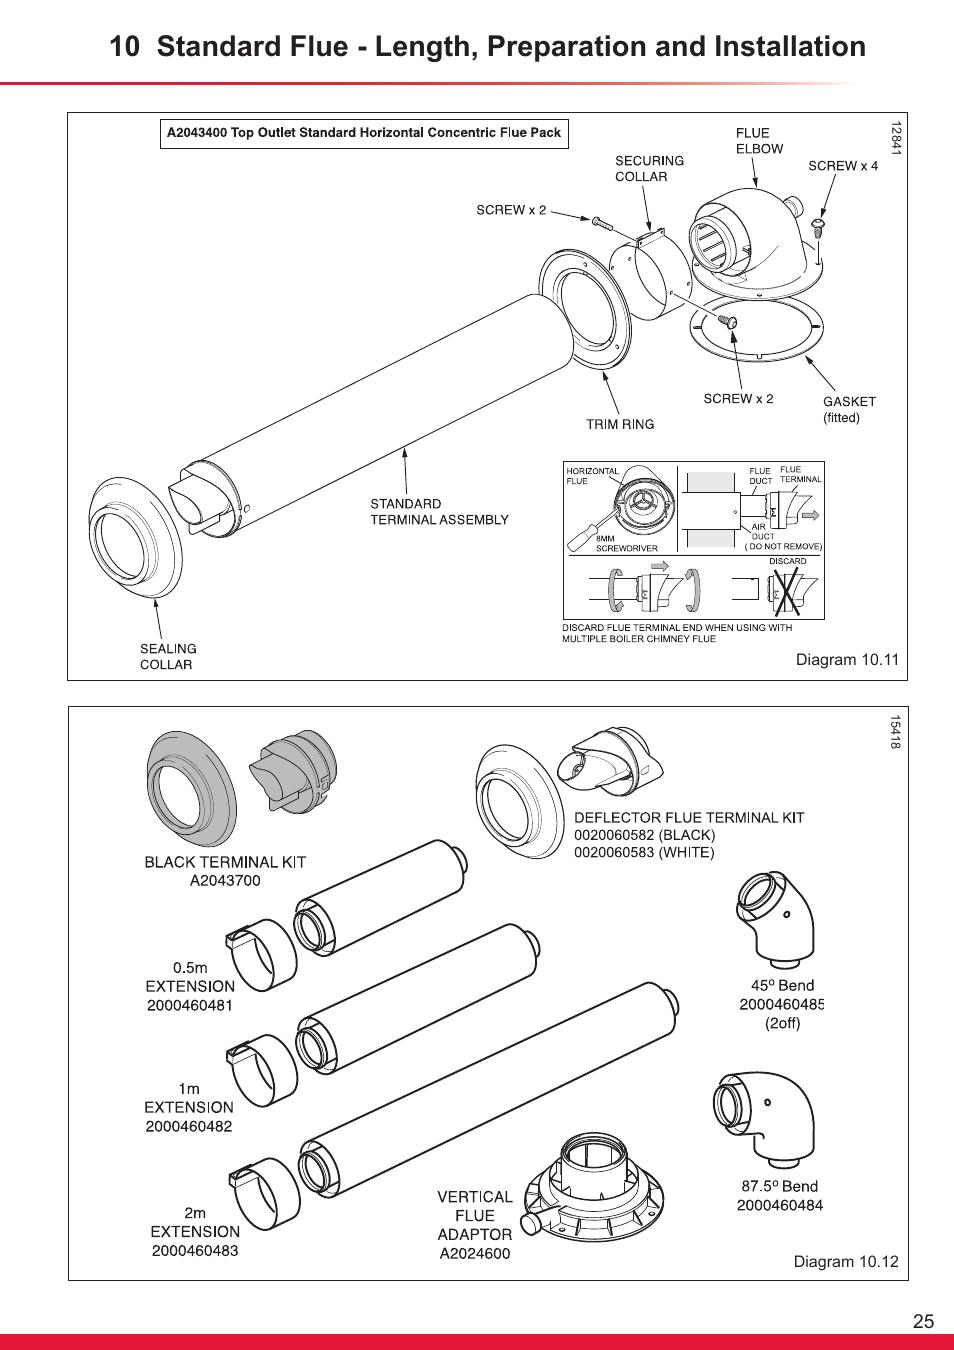 Enchanting Glowworm Cxi Manual Images - Electrical Circuit Diagram ...